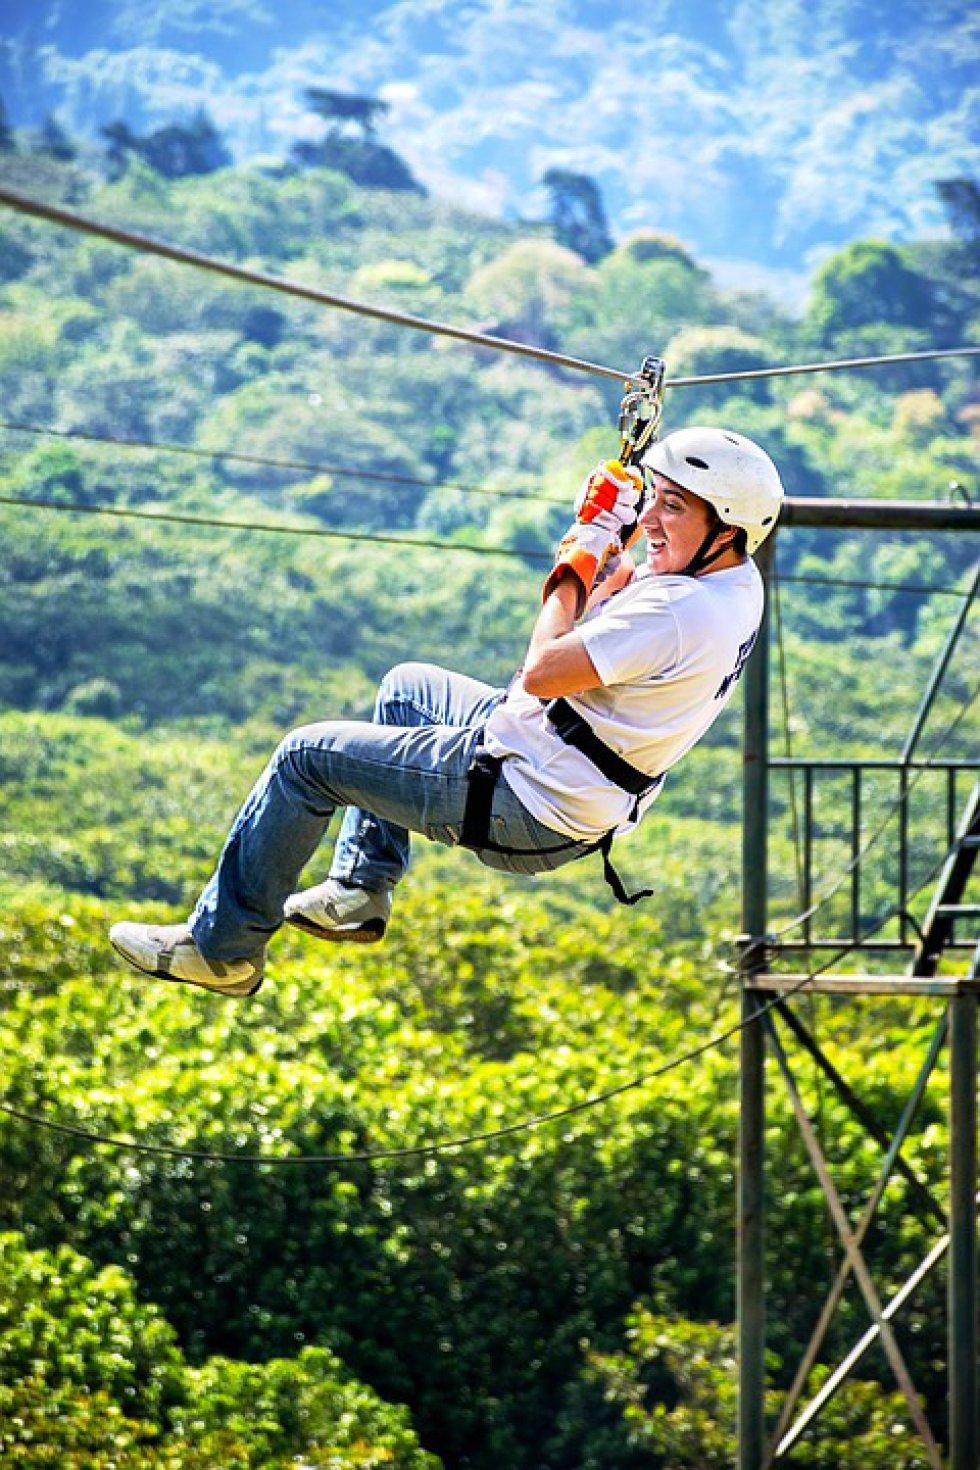 Canopy: este deporte lo puede practicar en Alto del Vino vía la Vega.